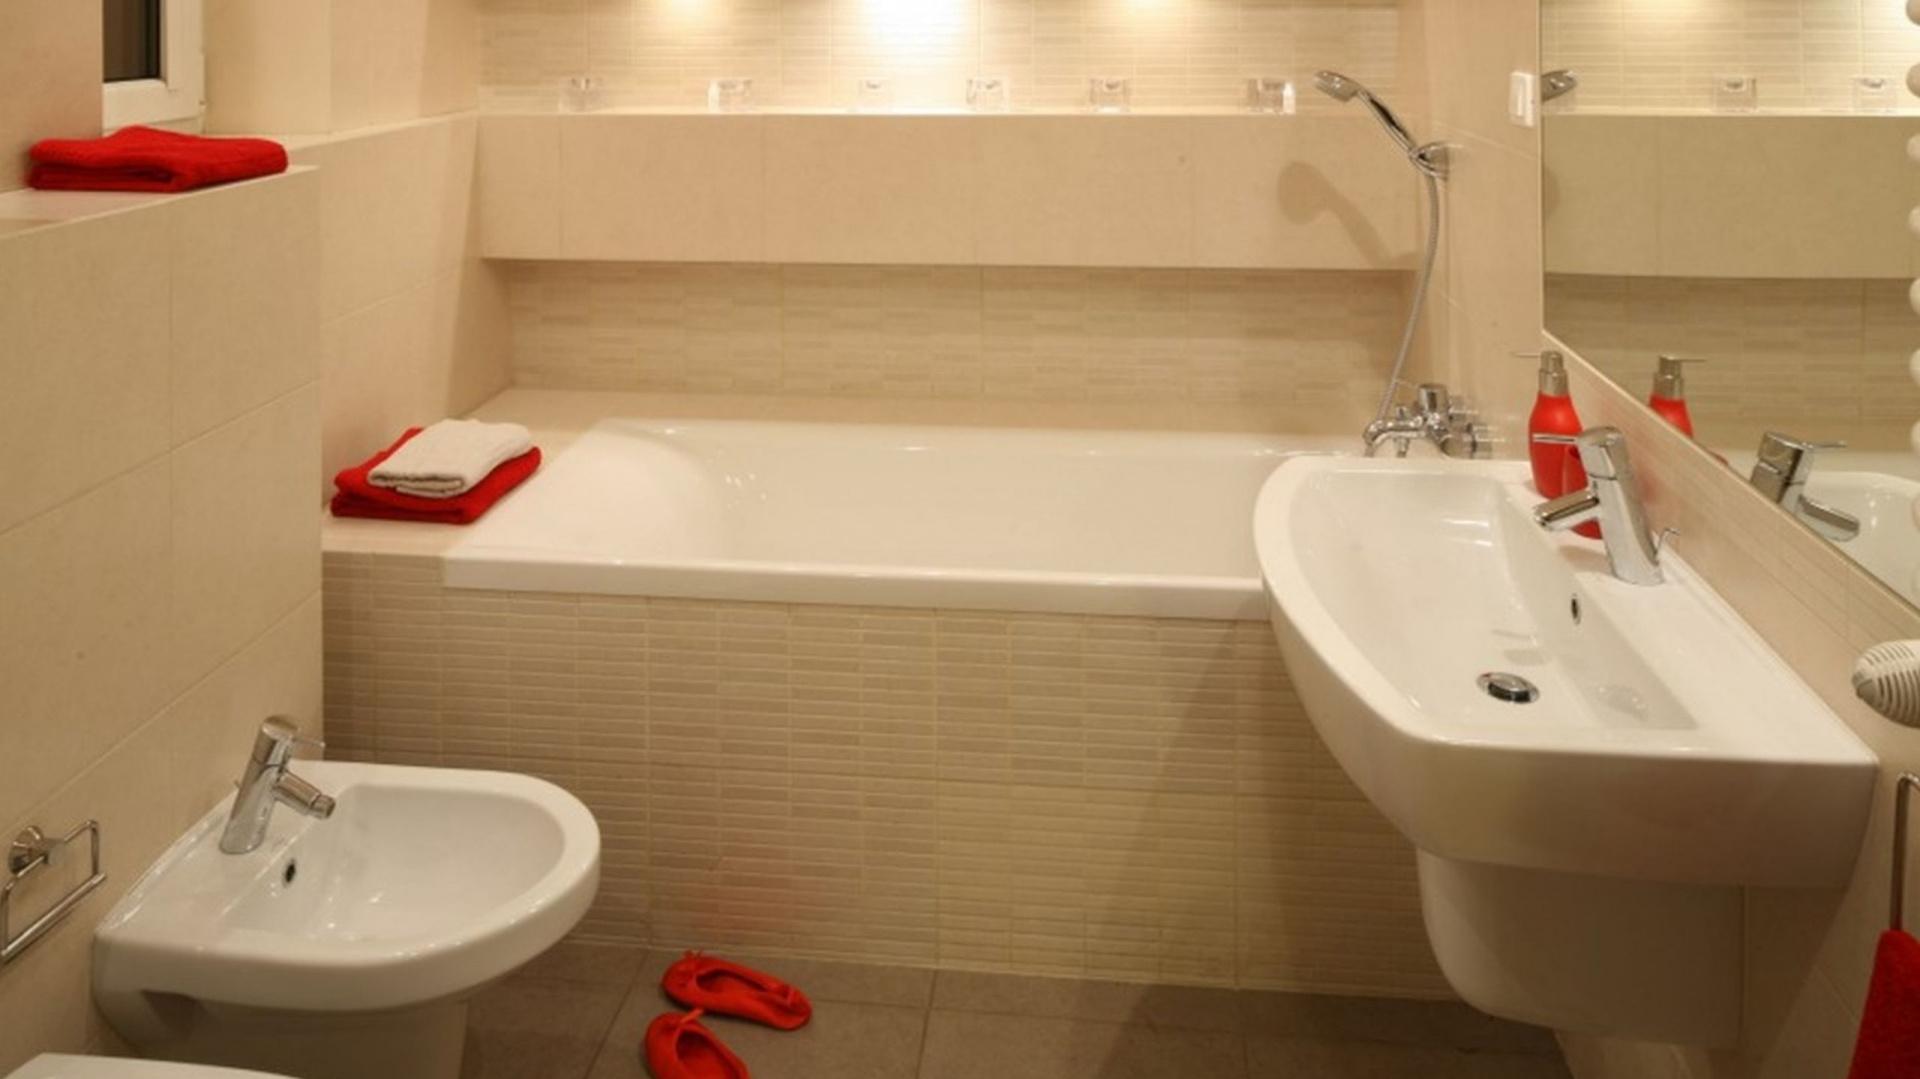 Beżowe płytki ceramiczne to okładziny zarówno stylowe, jak i uniwersalne, jeśli chodzi o aranżację łazienki w bloku. Projekt: Iza Szewc. Fot. Bartosz Jarosz.